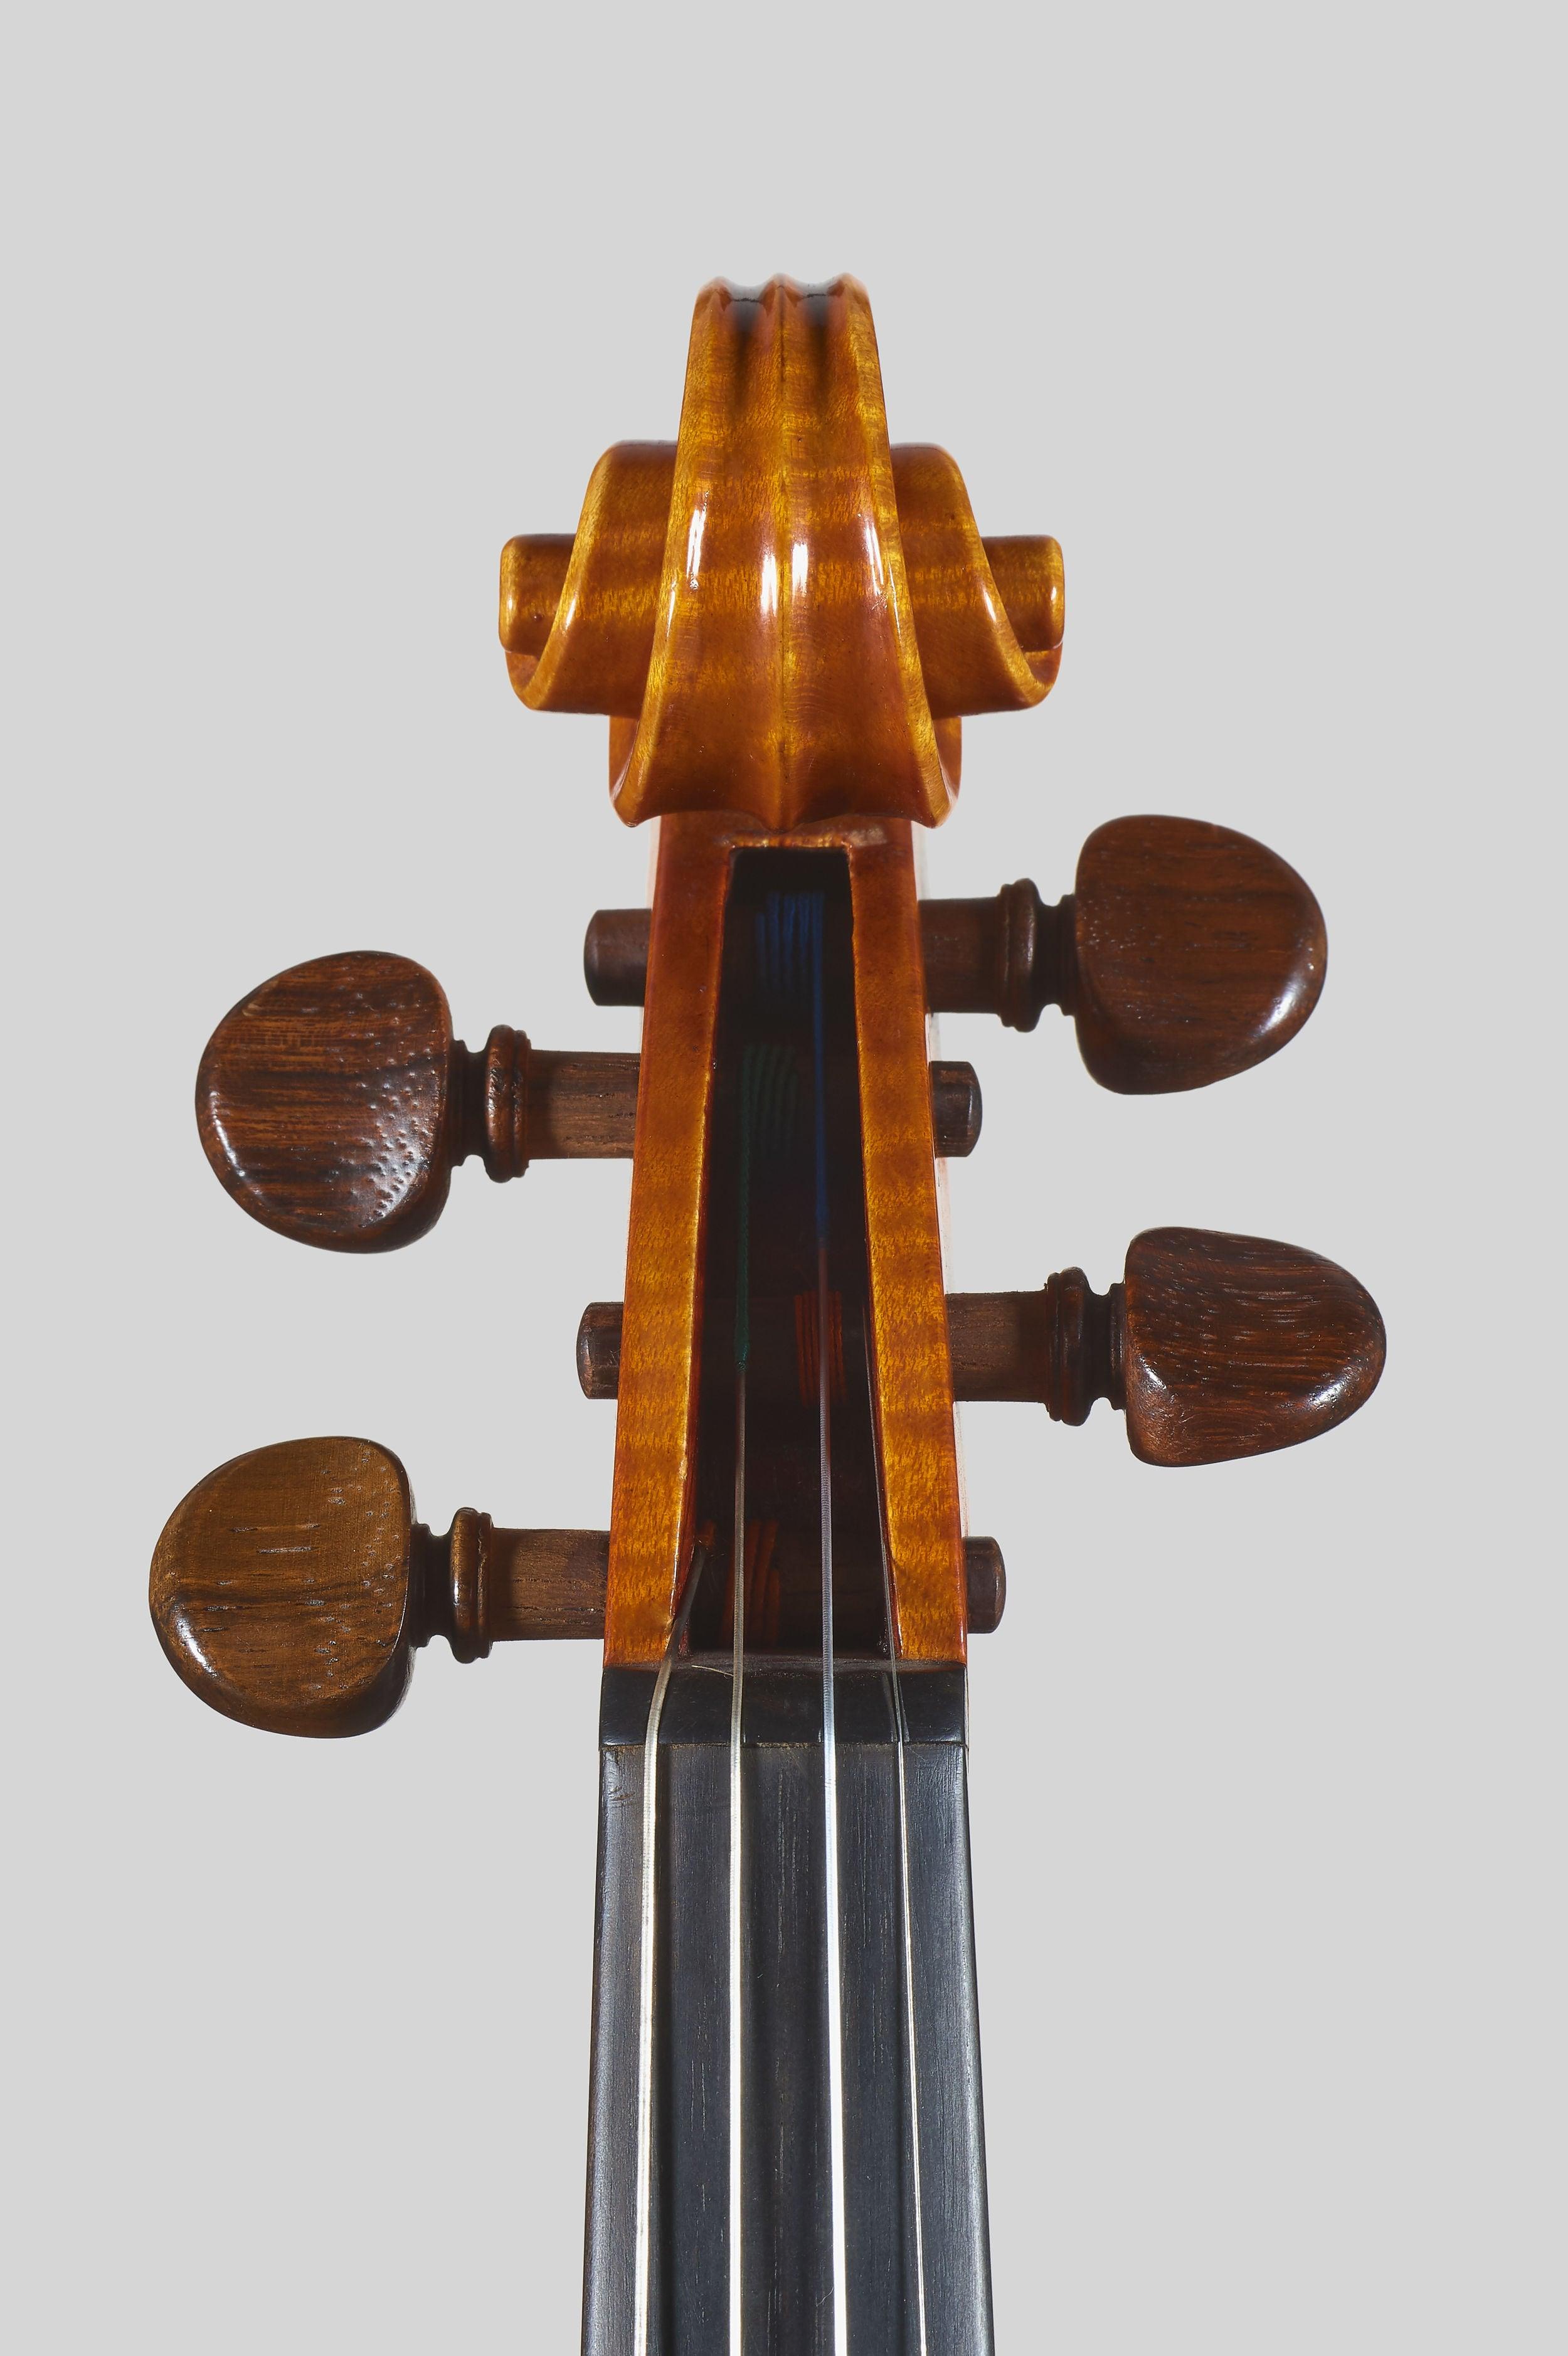 """Anno 1978 - allievo C. Belli - Violino dal mod. stile """"A. Stradivari """", etichetta: """"I.P.I.A.L.L."""" - Testa fronte"""